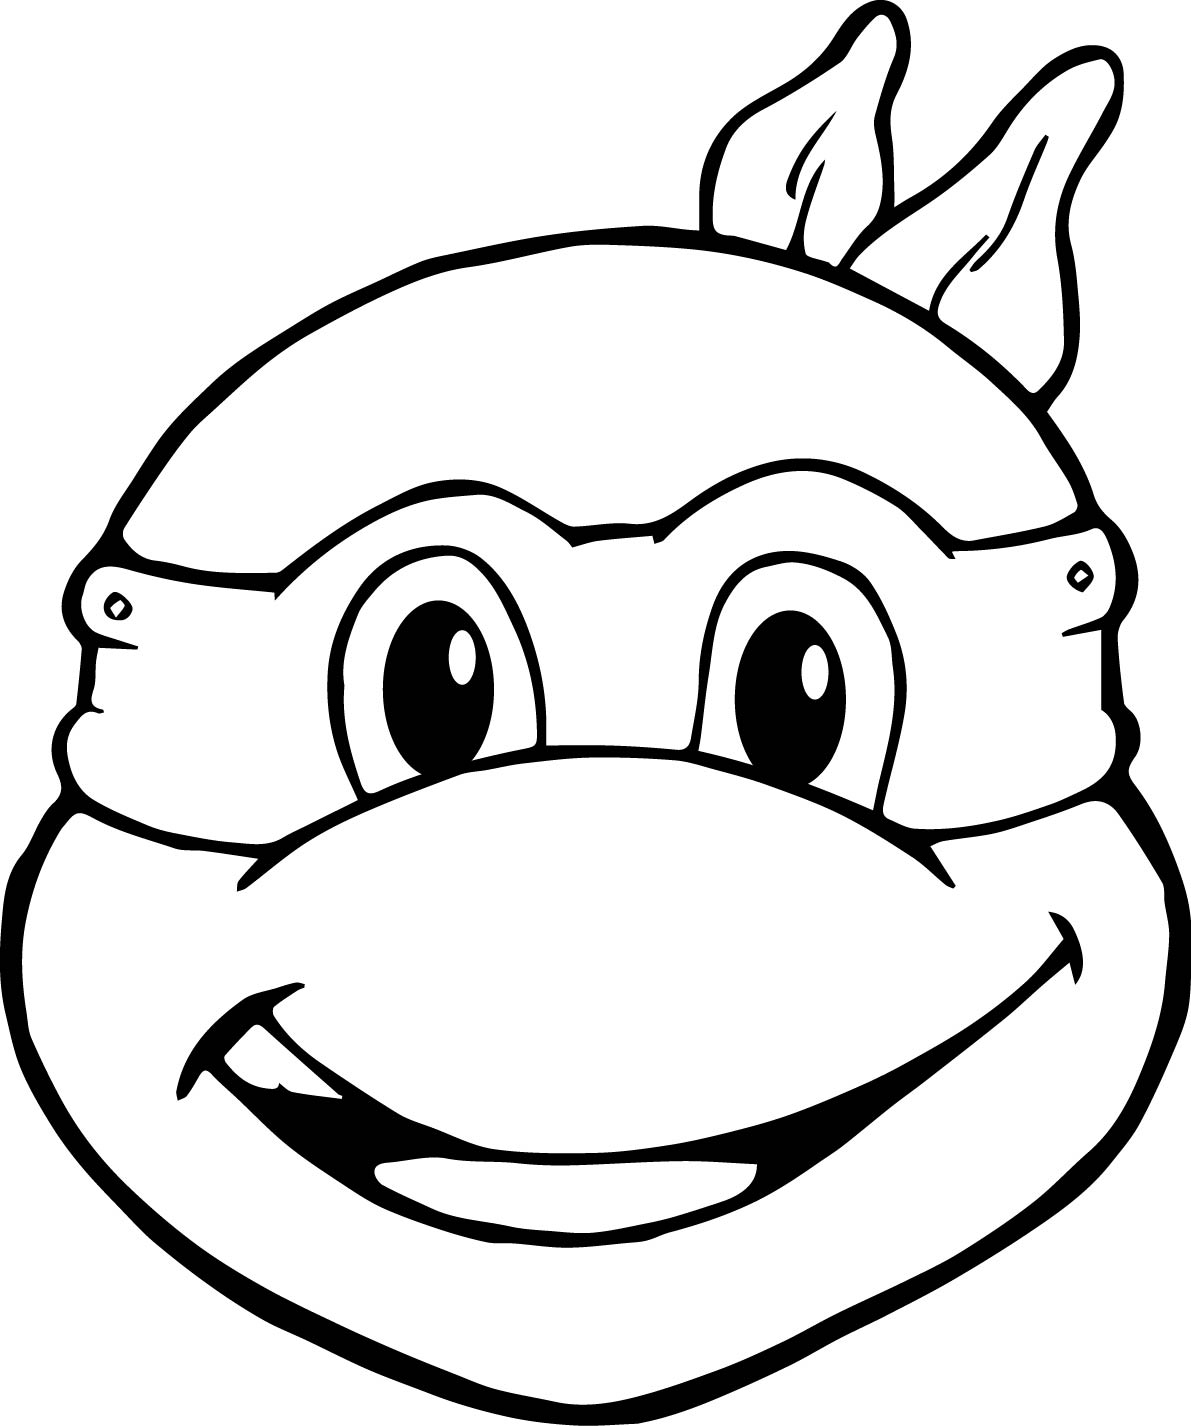 Ninja Turtle Head Drawing At Getdrawings